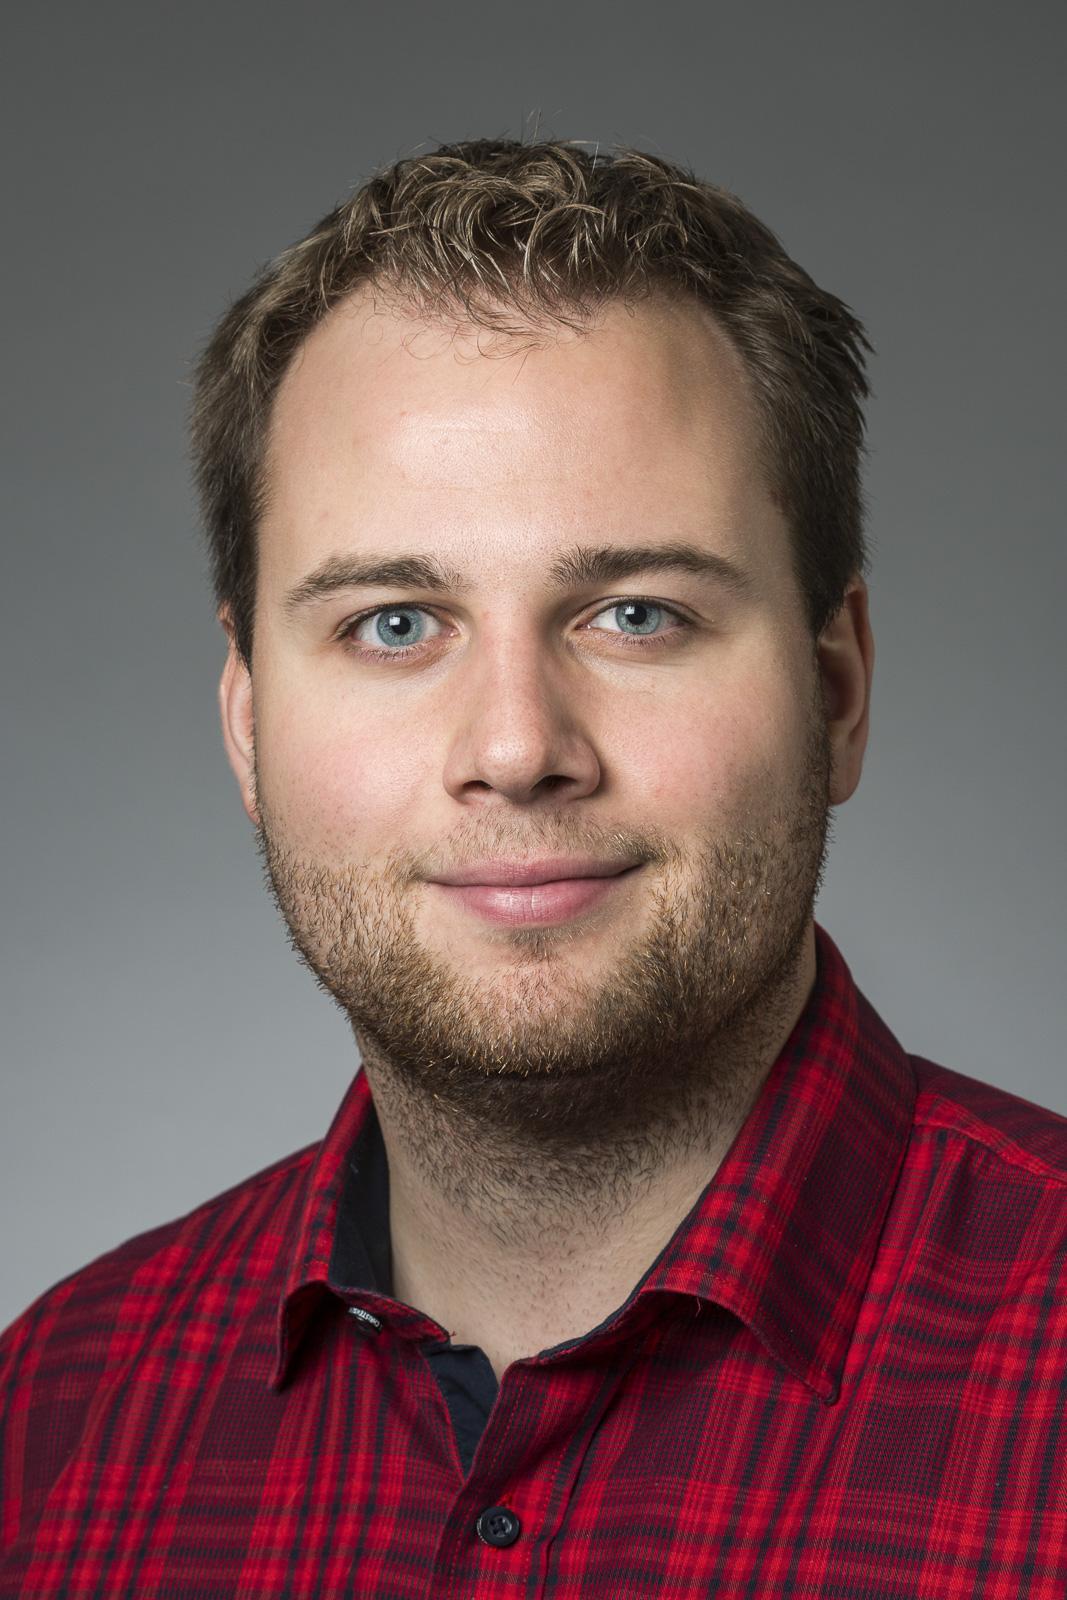 Sebastian Berg Petersen